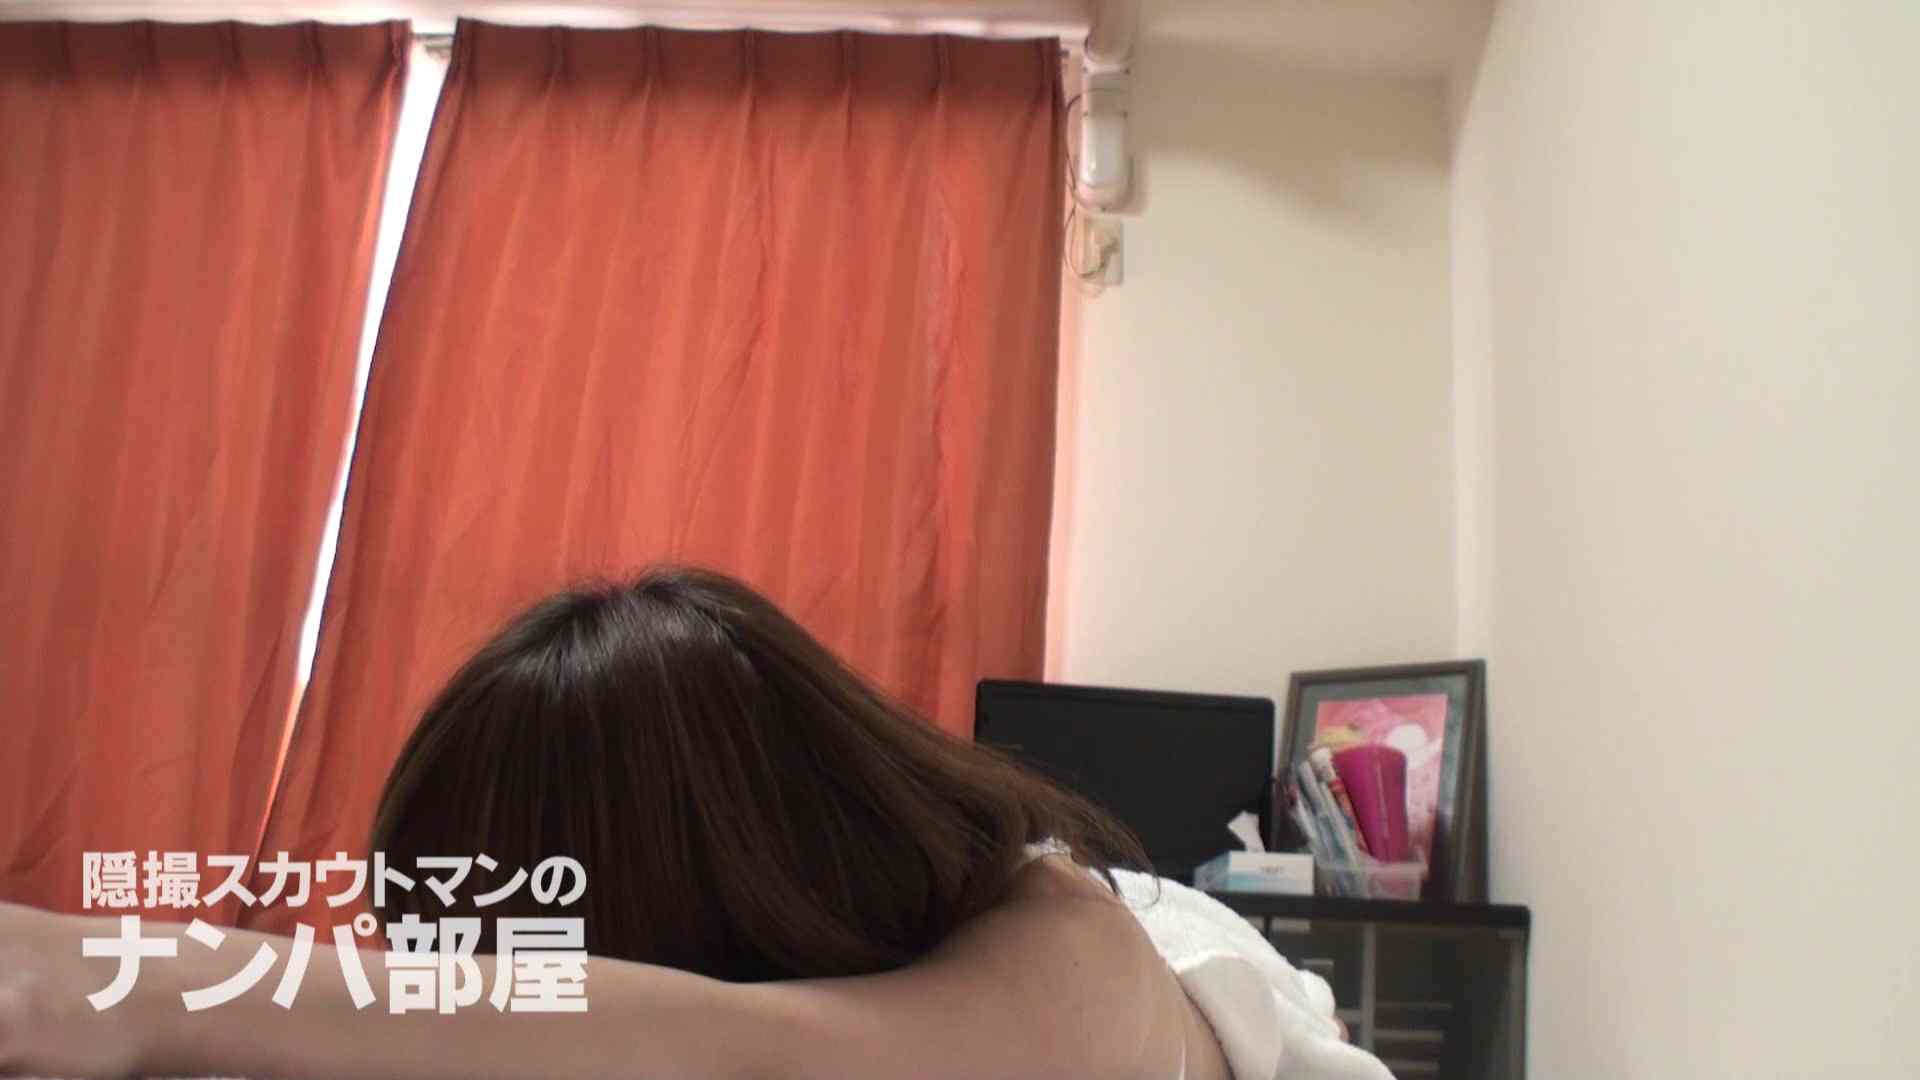 隠撮スカウトマンのナンパ部屋~風俗デビュー前のつまみ食い~ siivol.2 OL裸体 | ナンパ  58画像 34